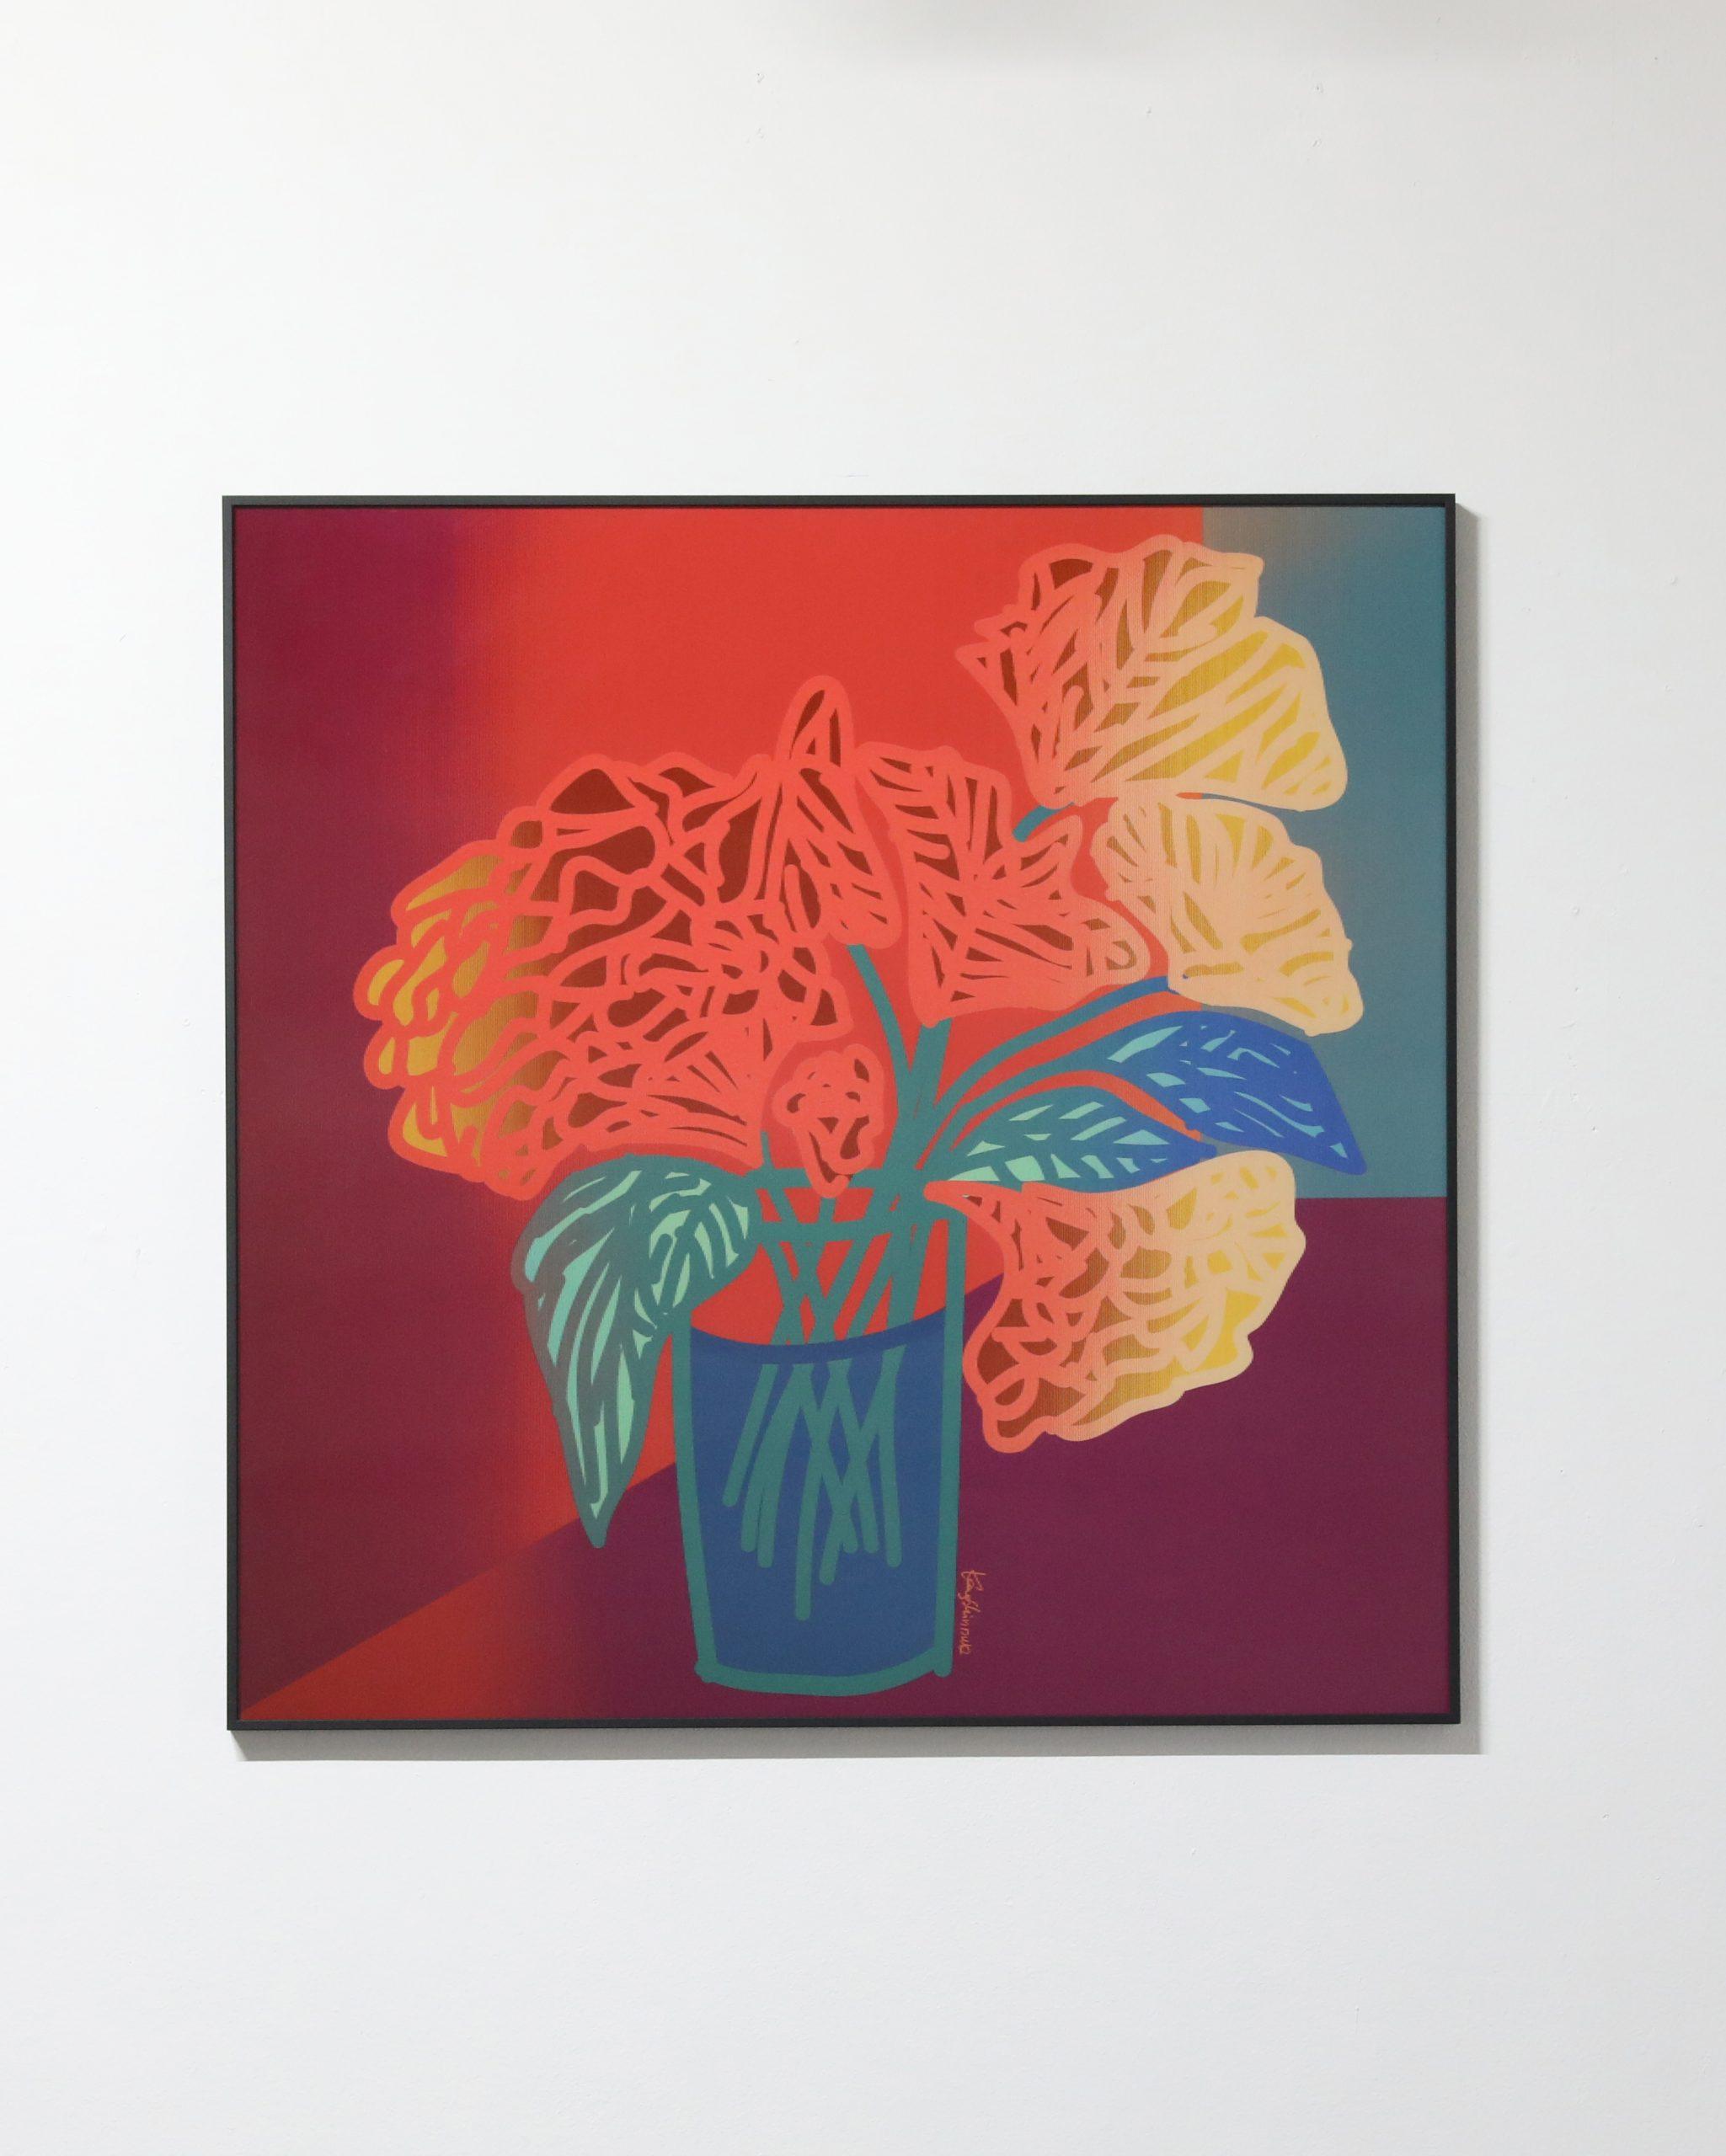 Shinduk Kang Still Life 85 x 85 cm Lenticular